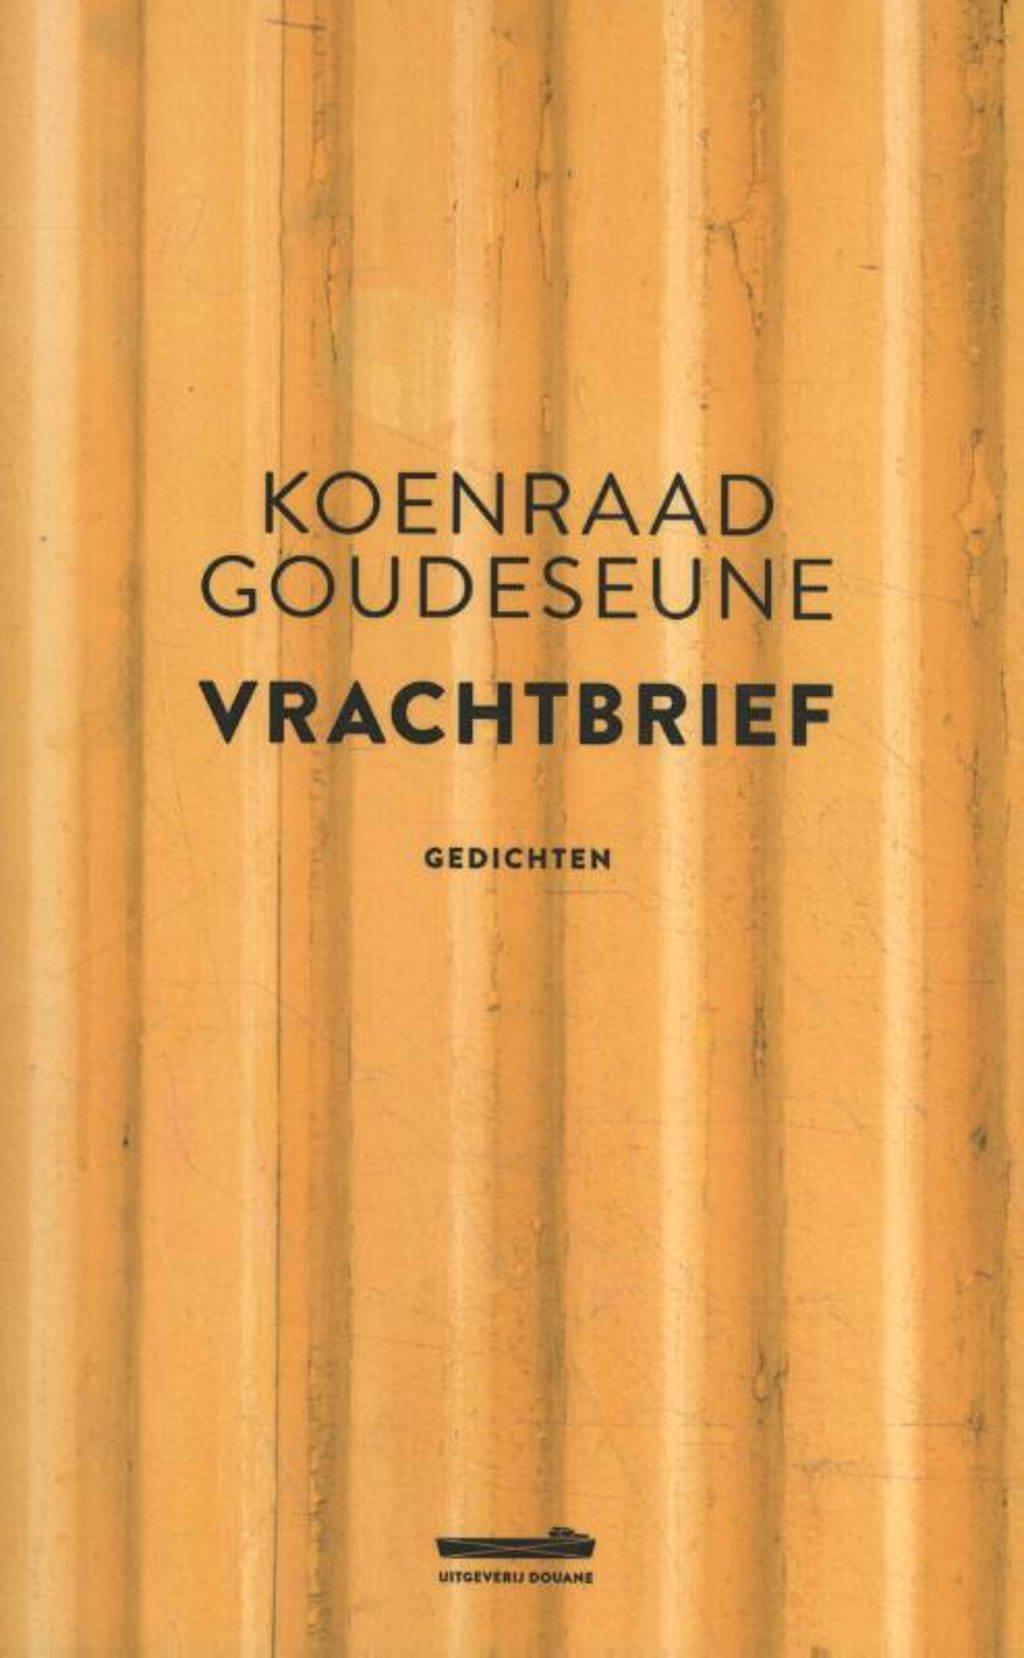 Vrachtbrief - Koenraad Goudeseune